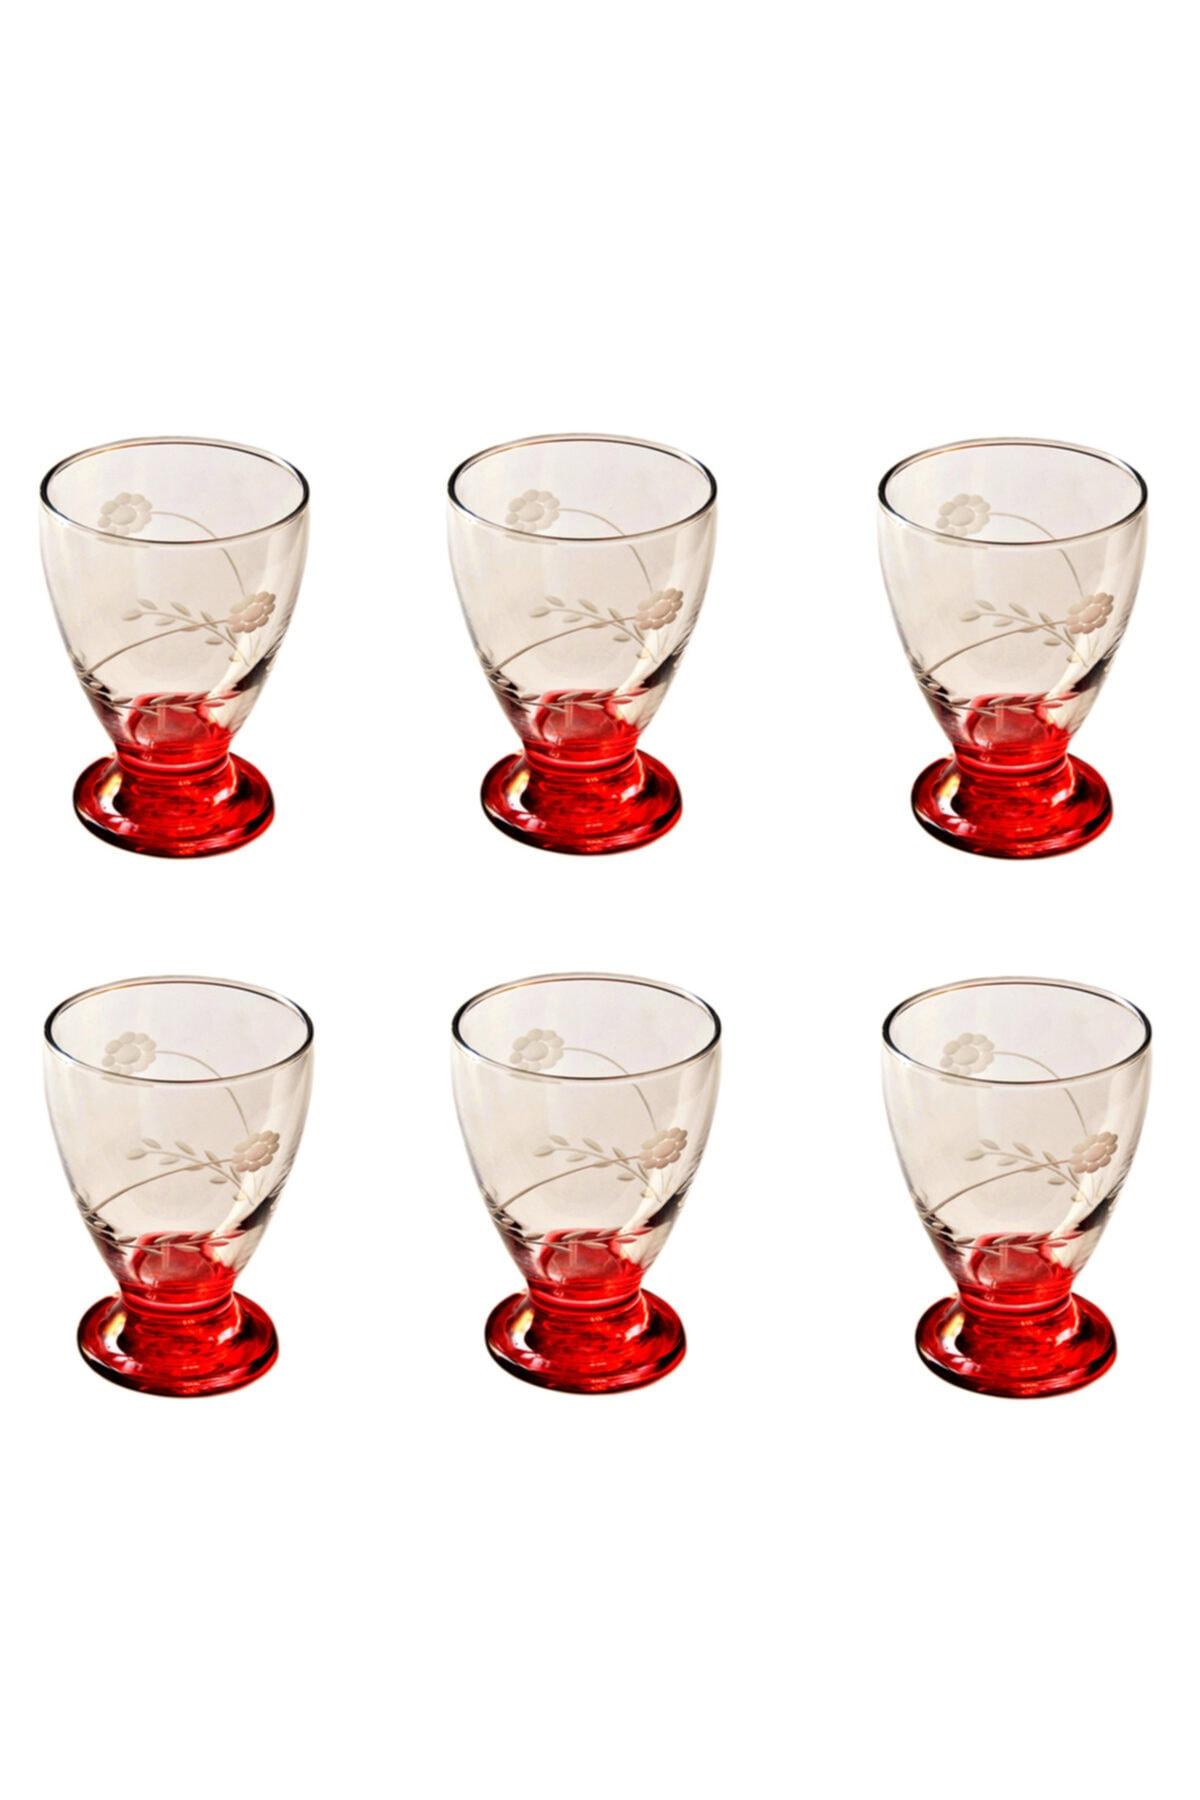 BAŞAK 41011 Çın Çın 12 Adet (Kırmızı Papatya) Su-meşrubat Bardağı 2